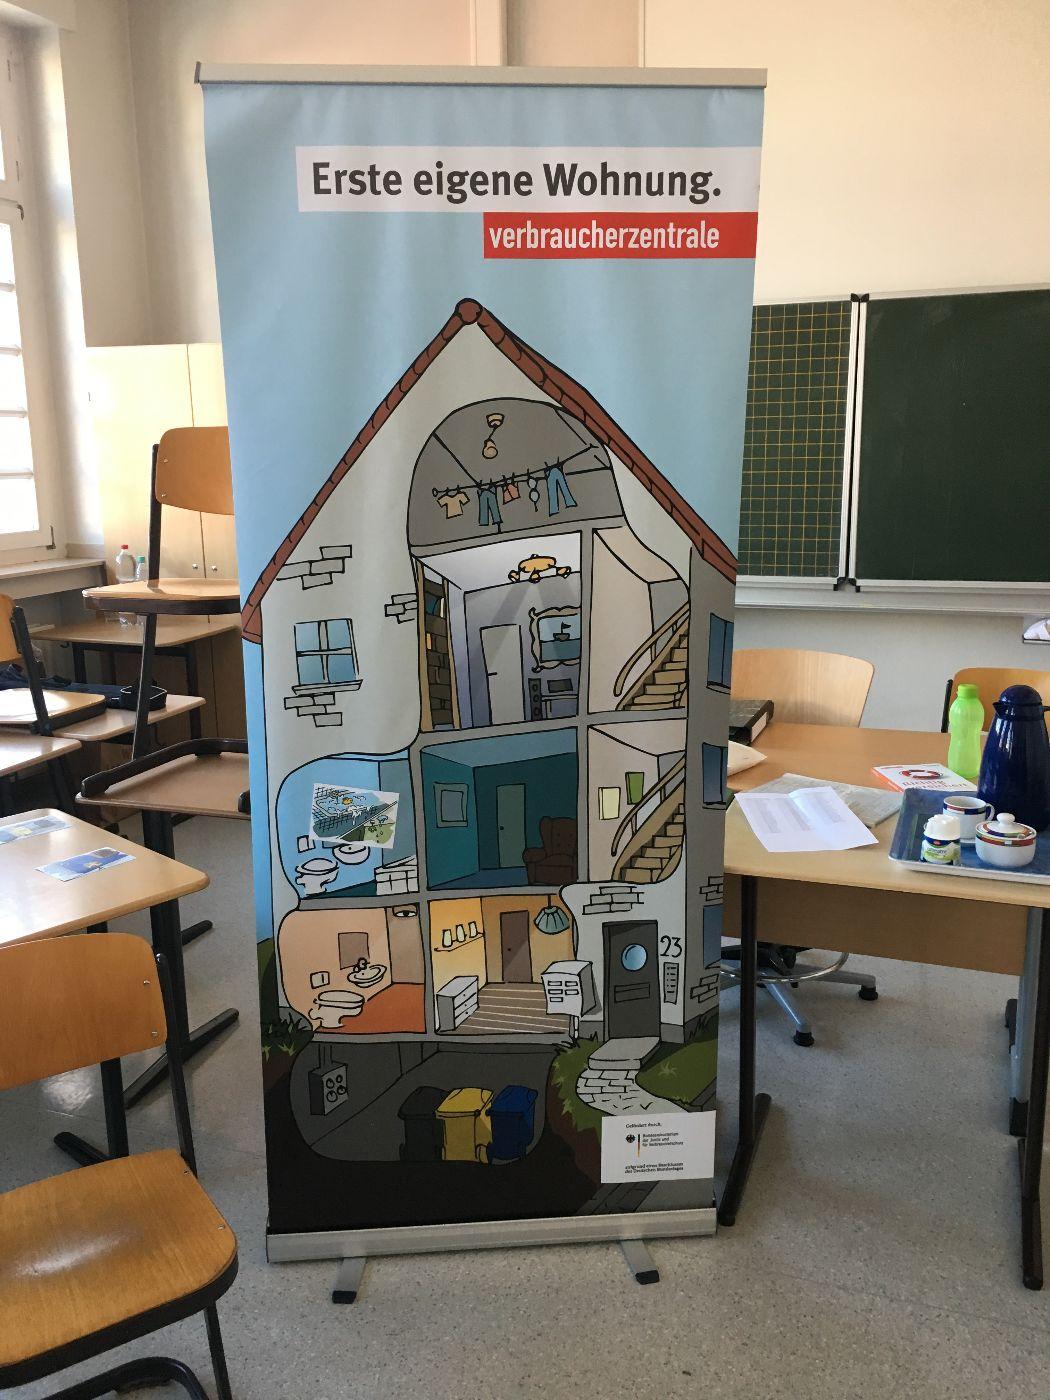 Workshop Die Erste Eigene Wohnung Für Den Abijahrgang Brede Online